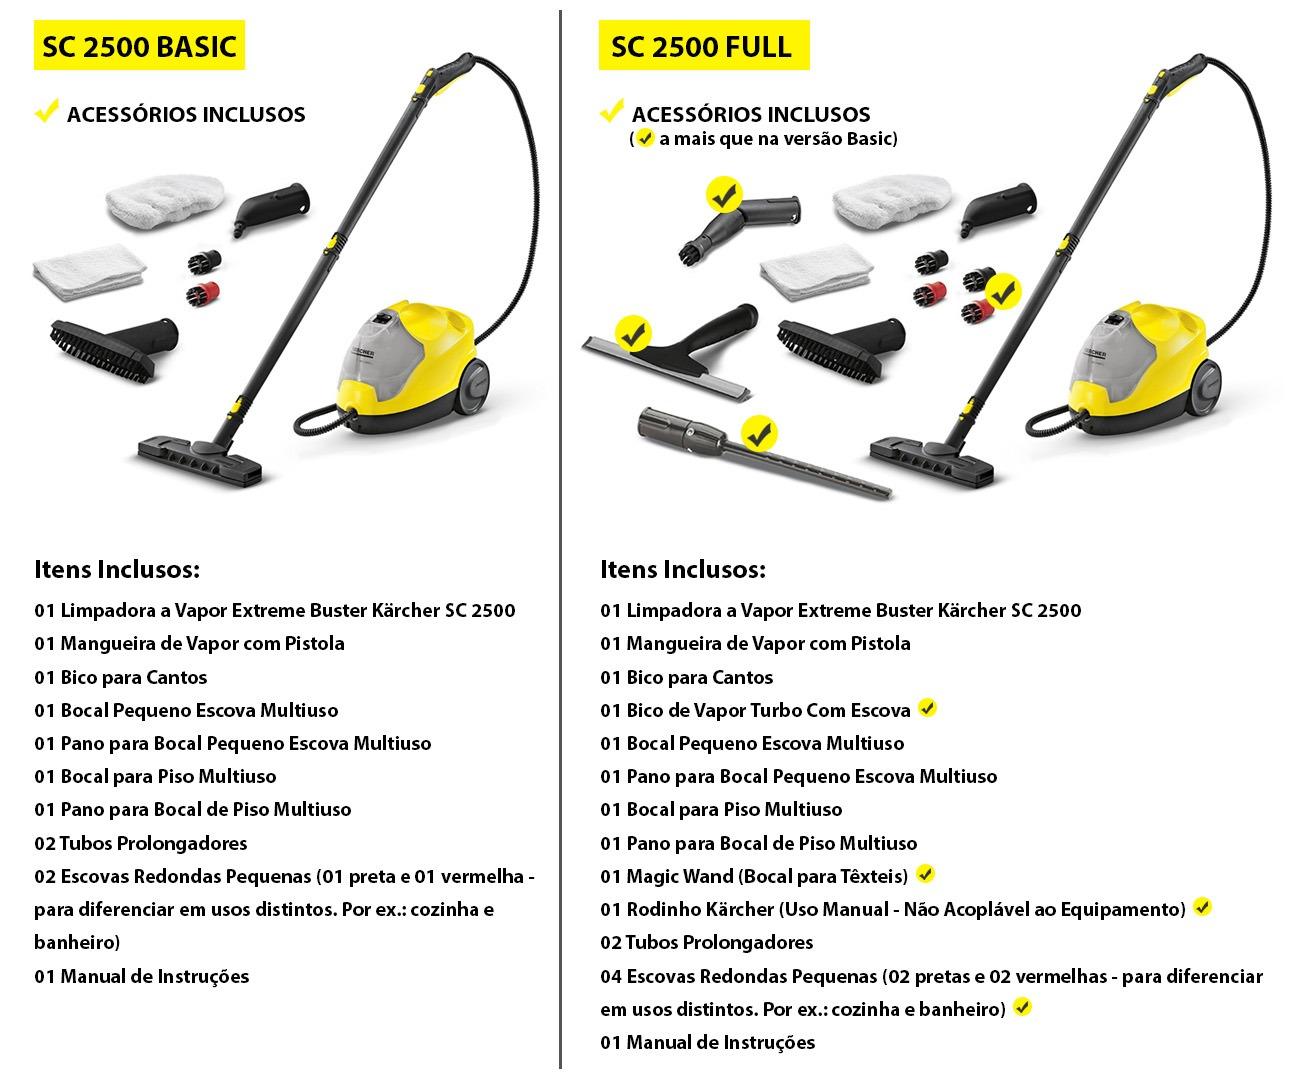 Comparativo das Versões SC 2500 Karcher